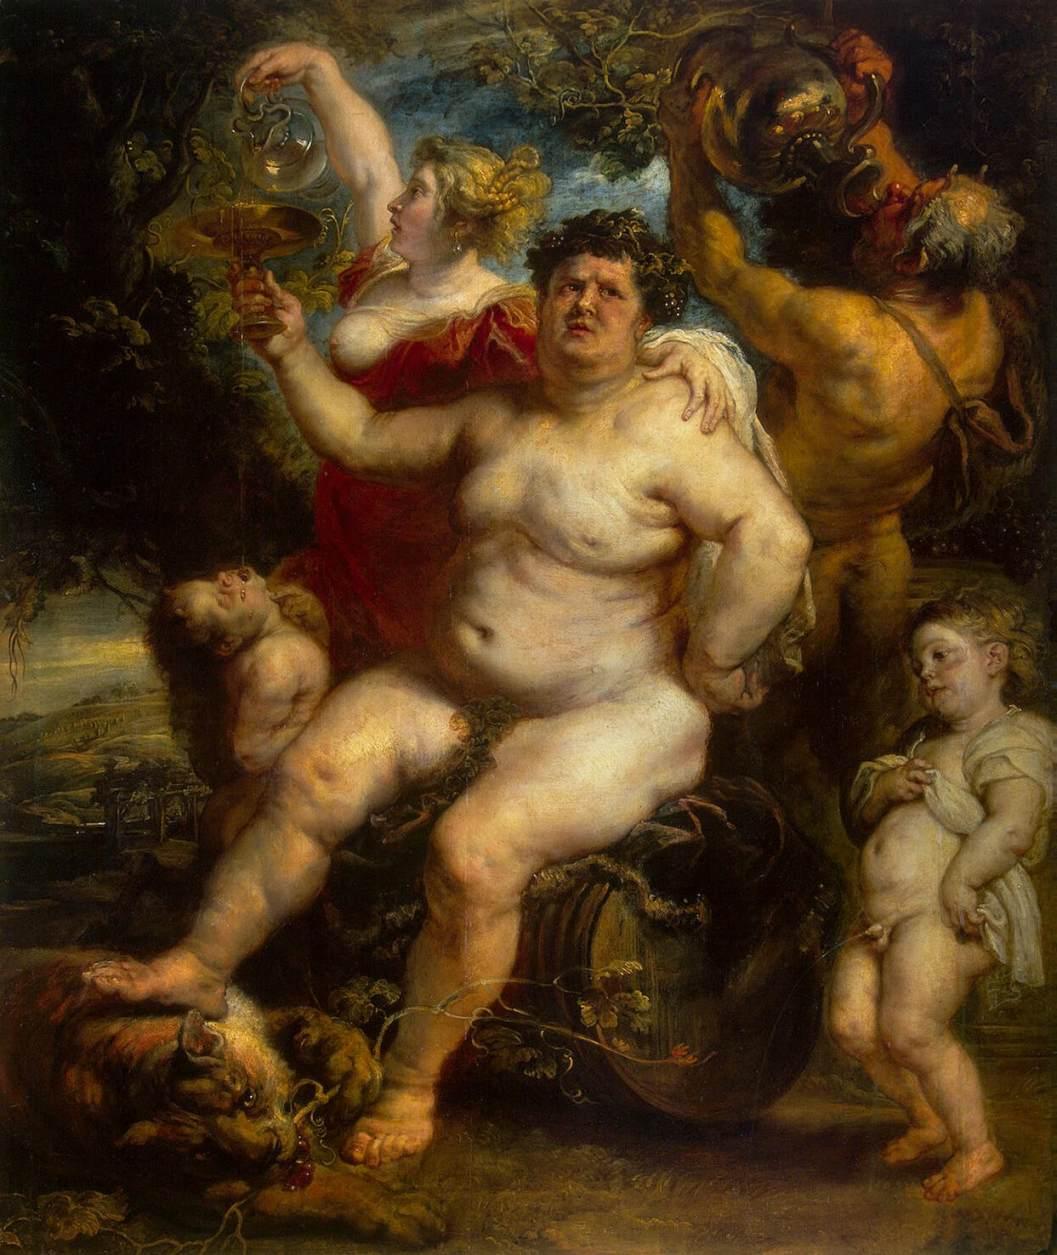 Peter_Paul_Rubens_-_Bacchus_-_WGA20321.j